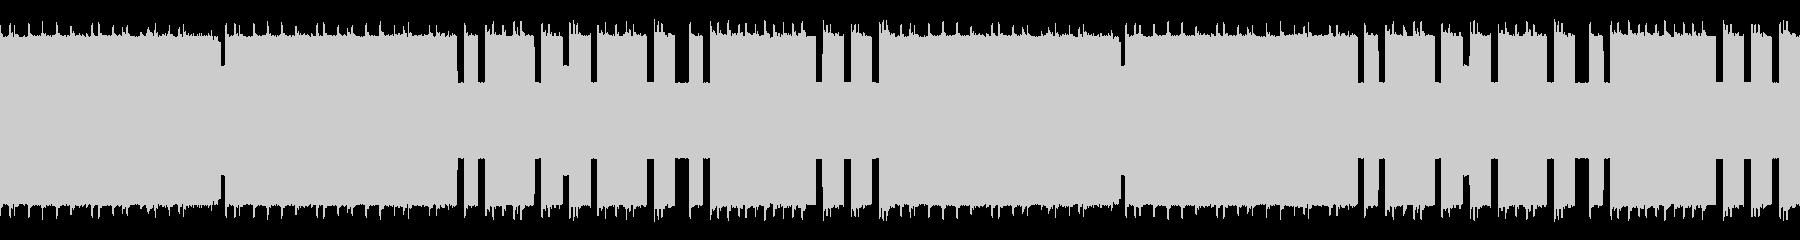 FC風ループ 冒険の序曲の未再生の波形